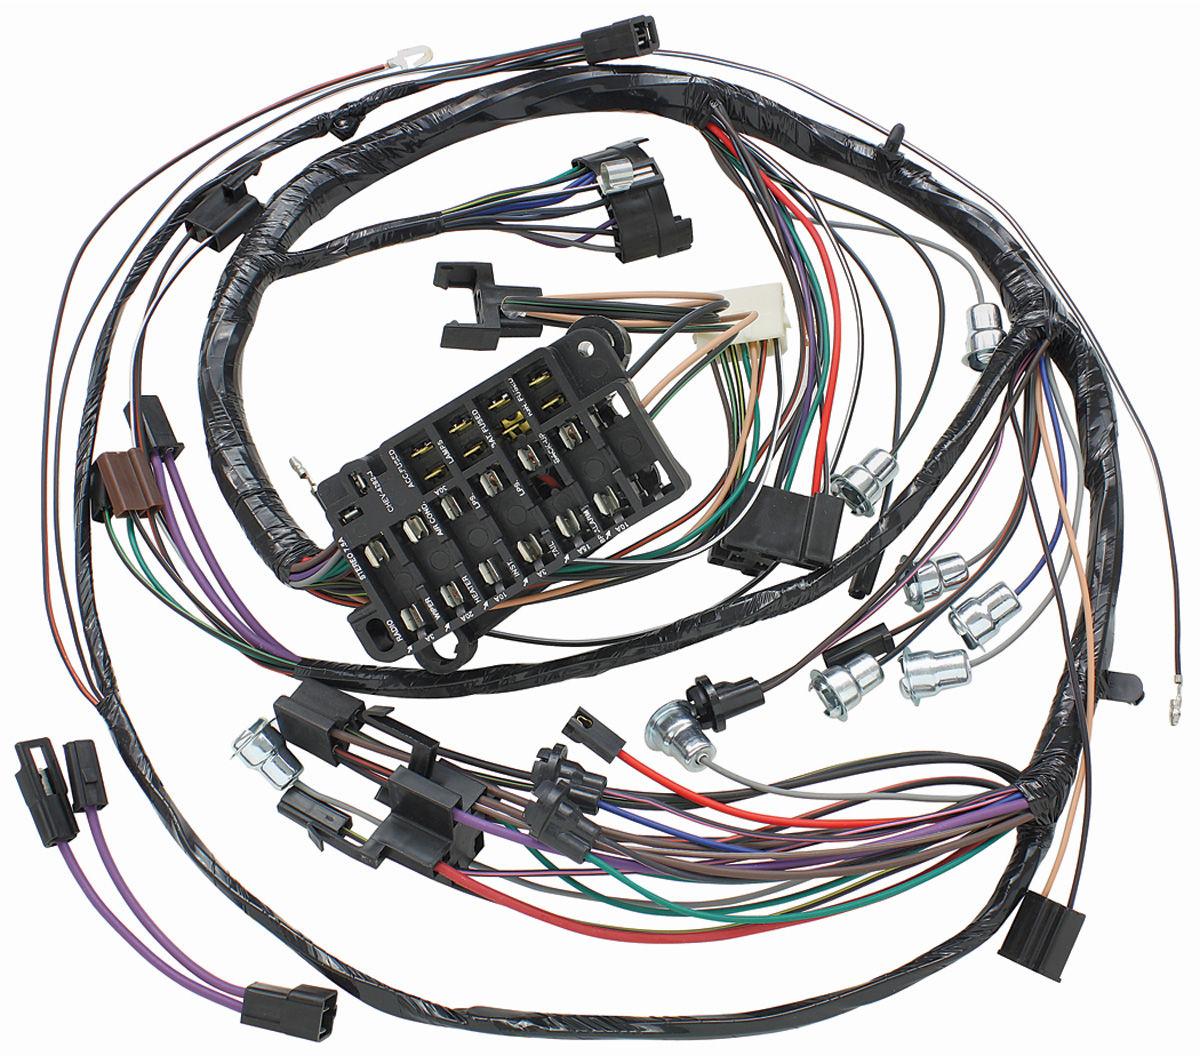 1971 el camino dash instrument panel harness all sweep gauge type [ 1200 x 1056 Pixel ]